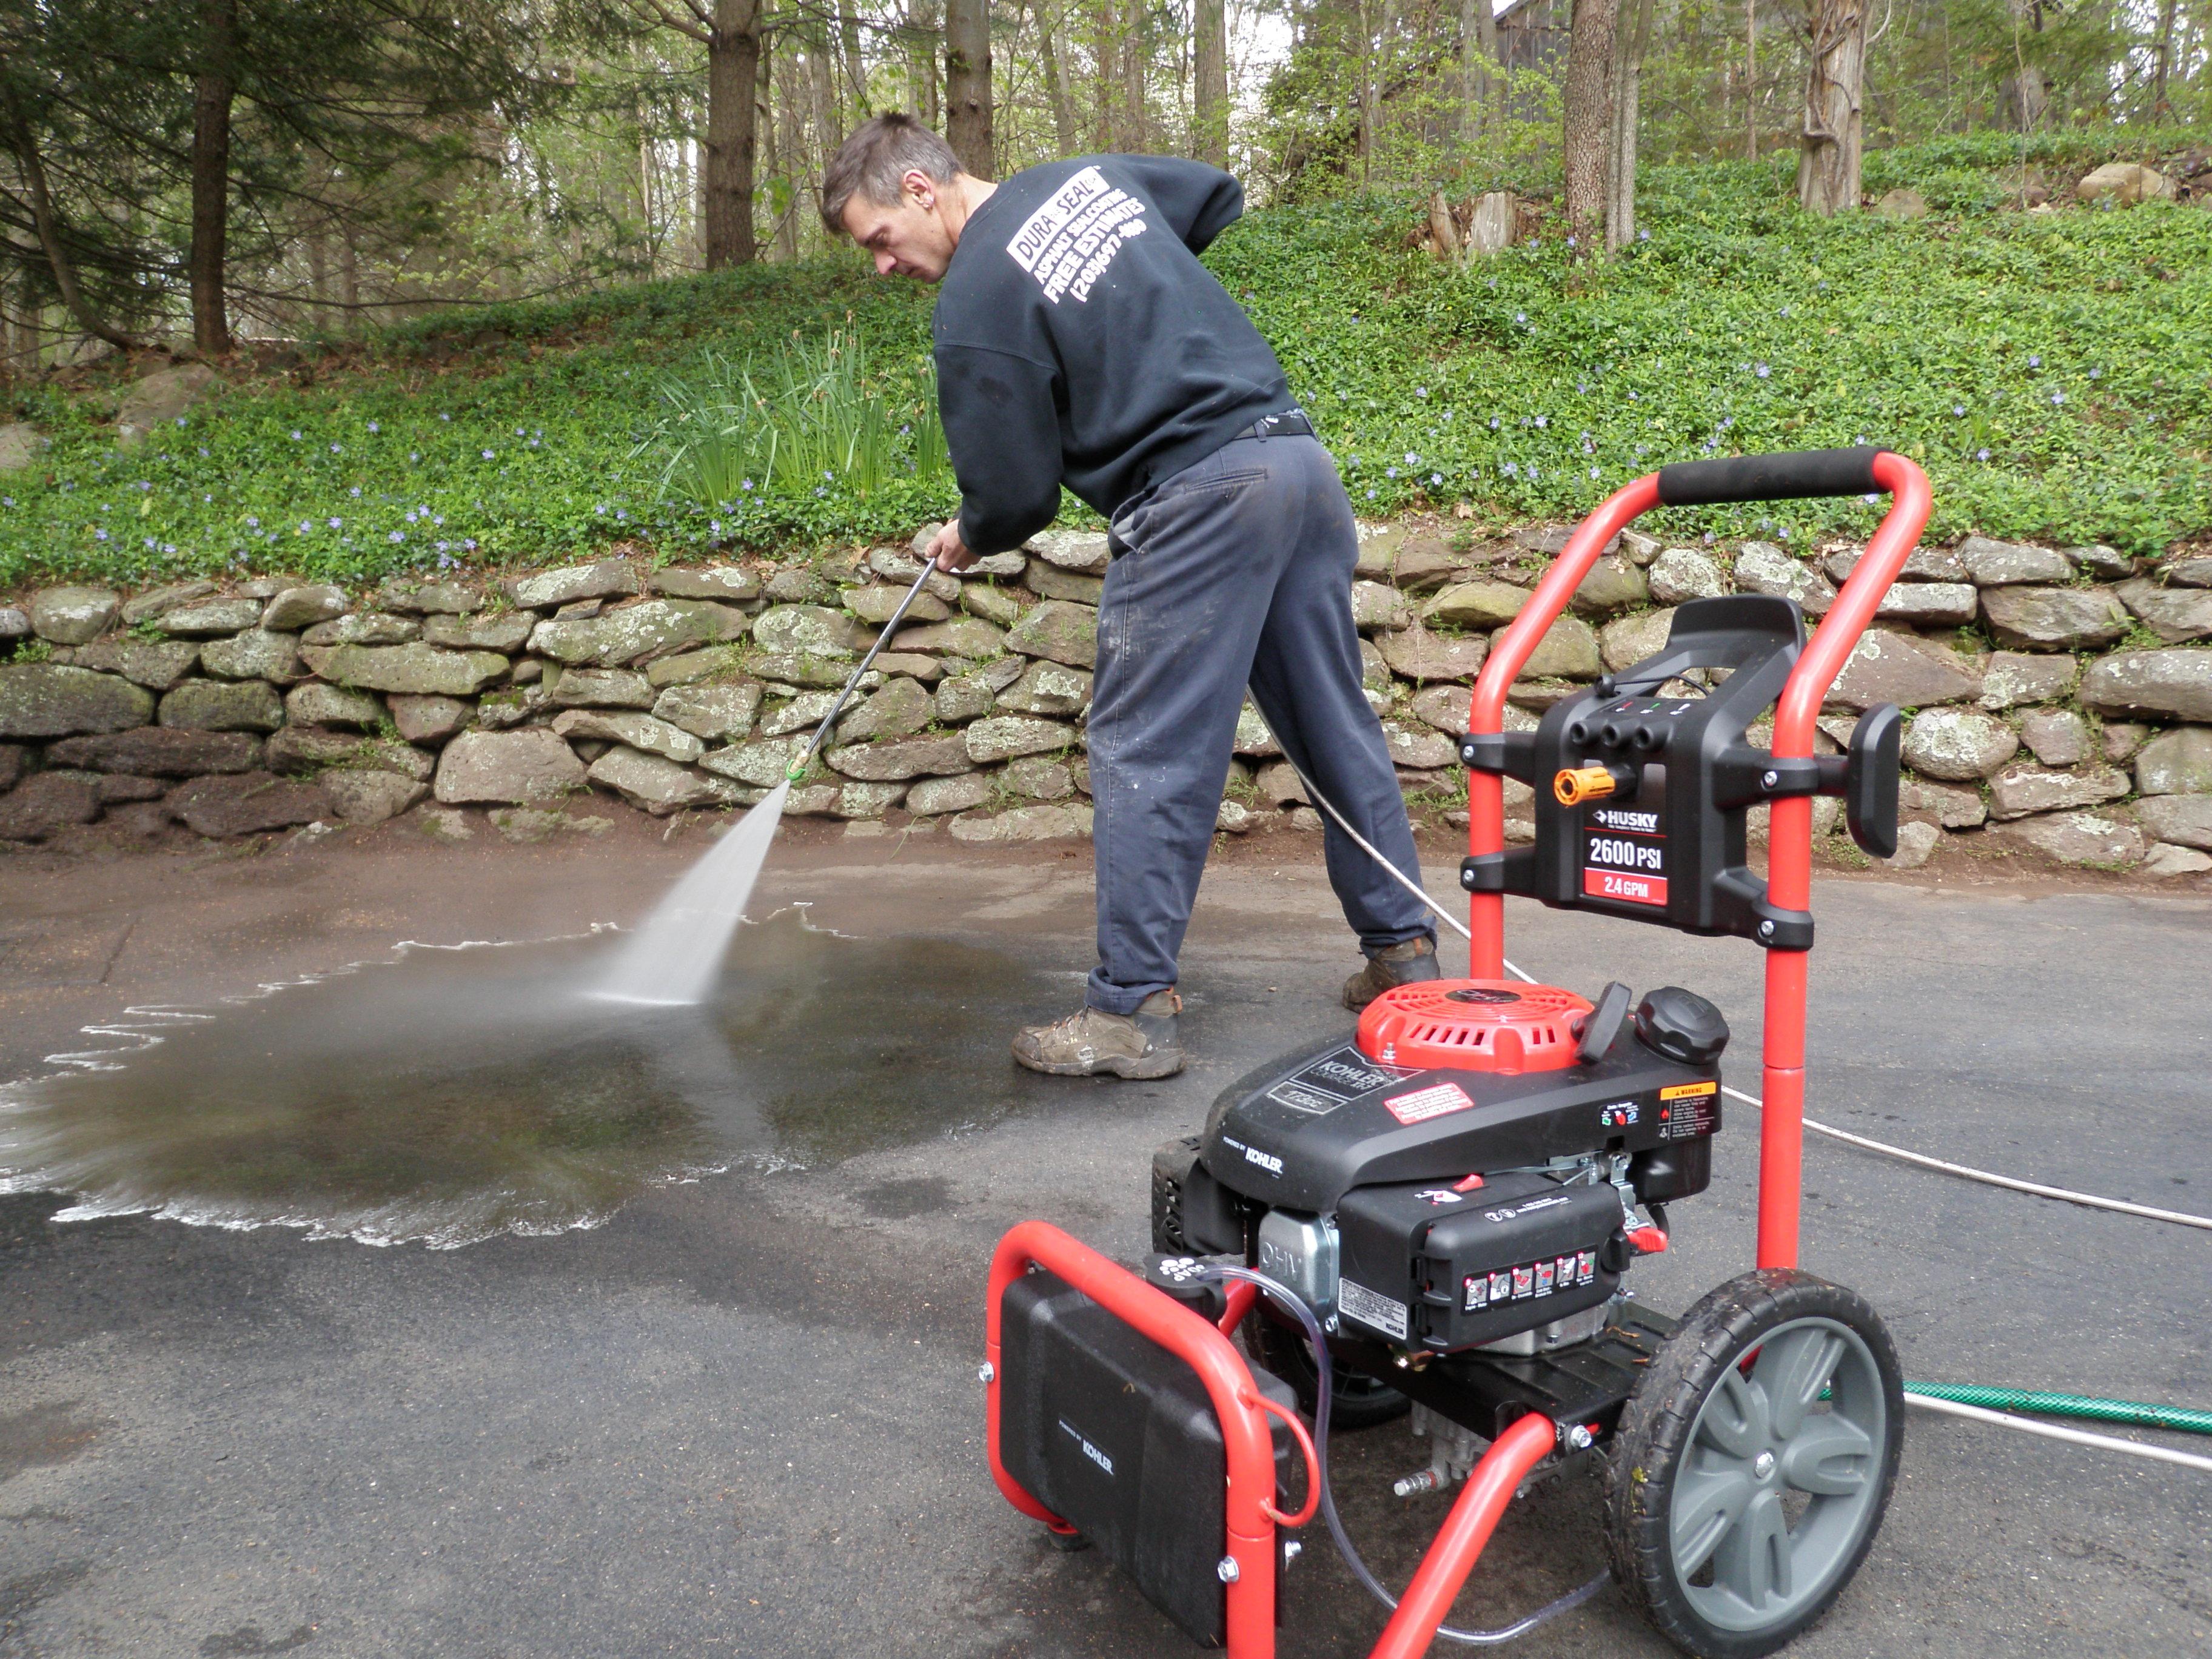 Pressure Washing Driveway Preparartion for Sealing